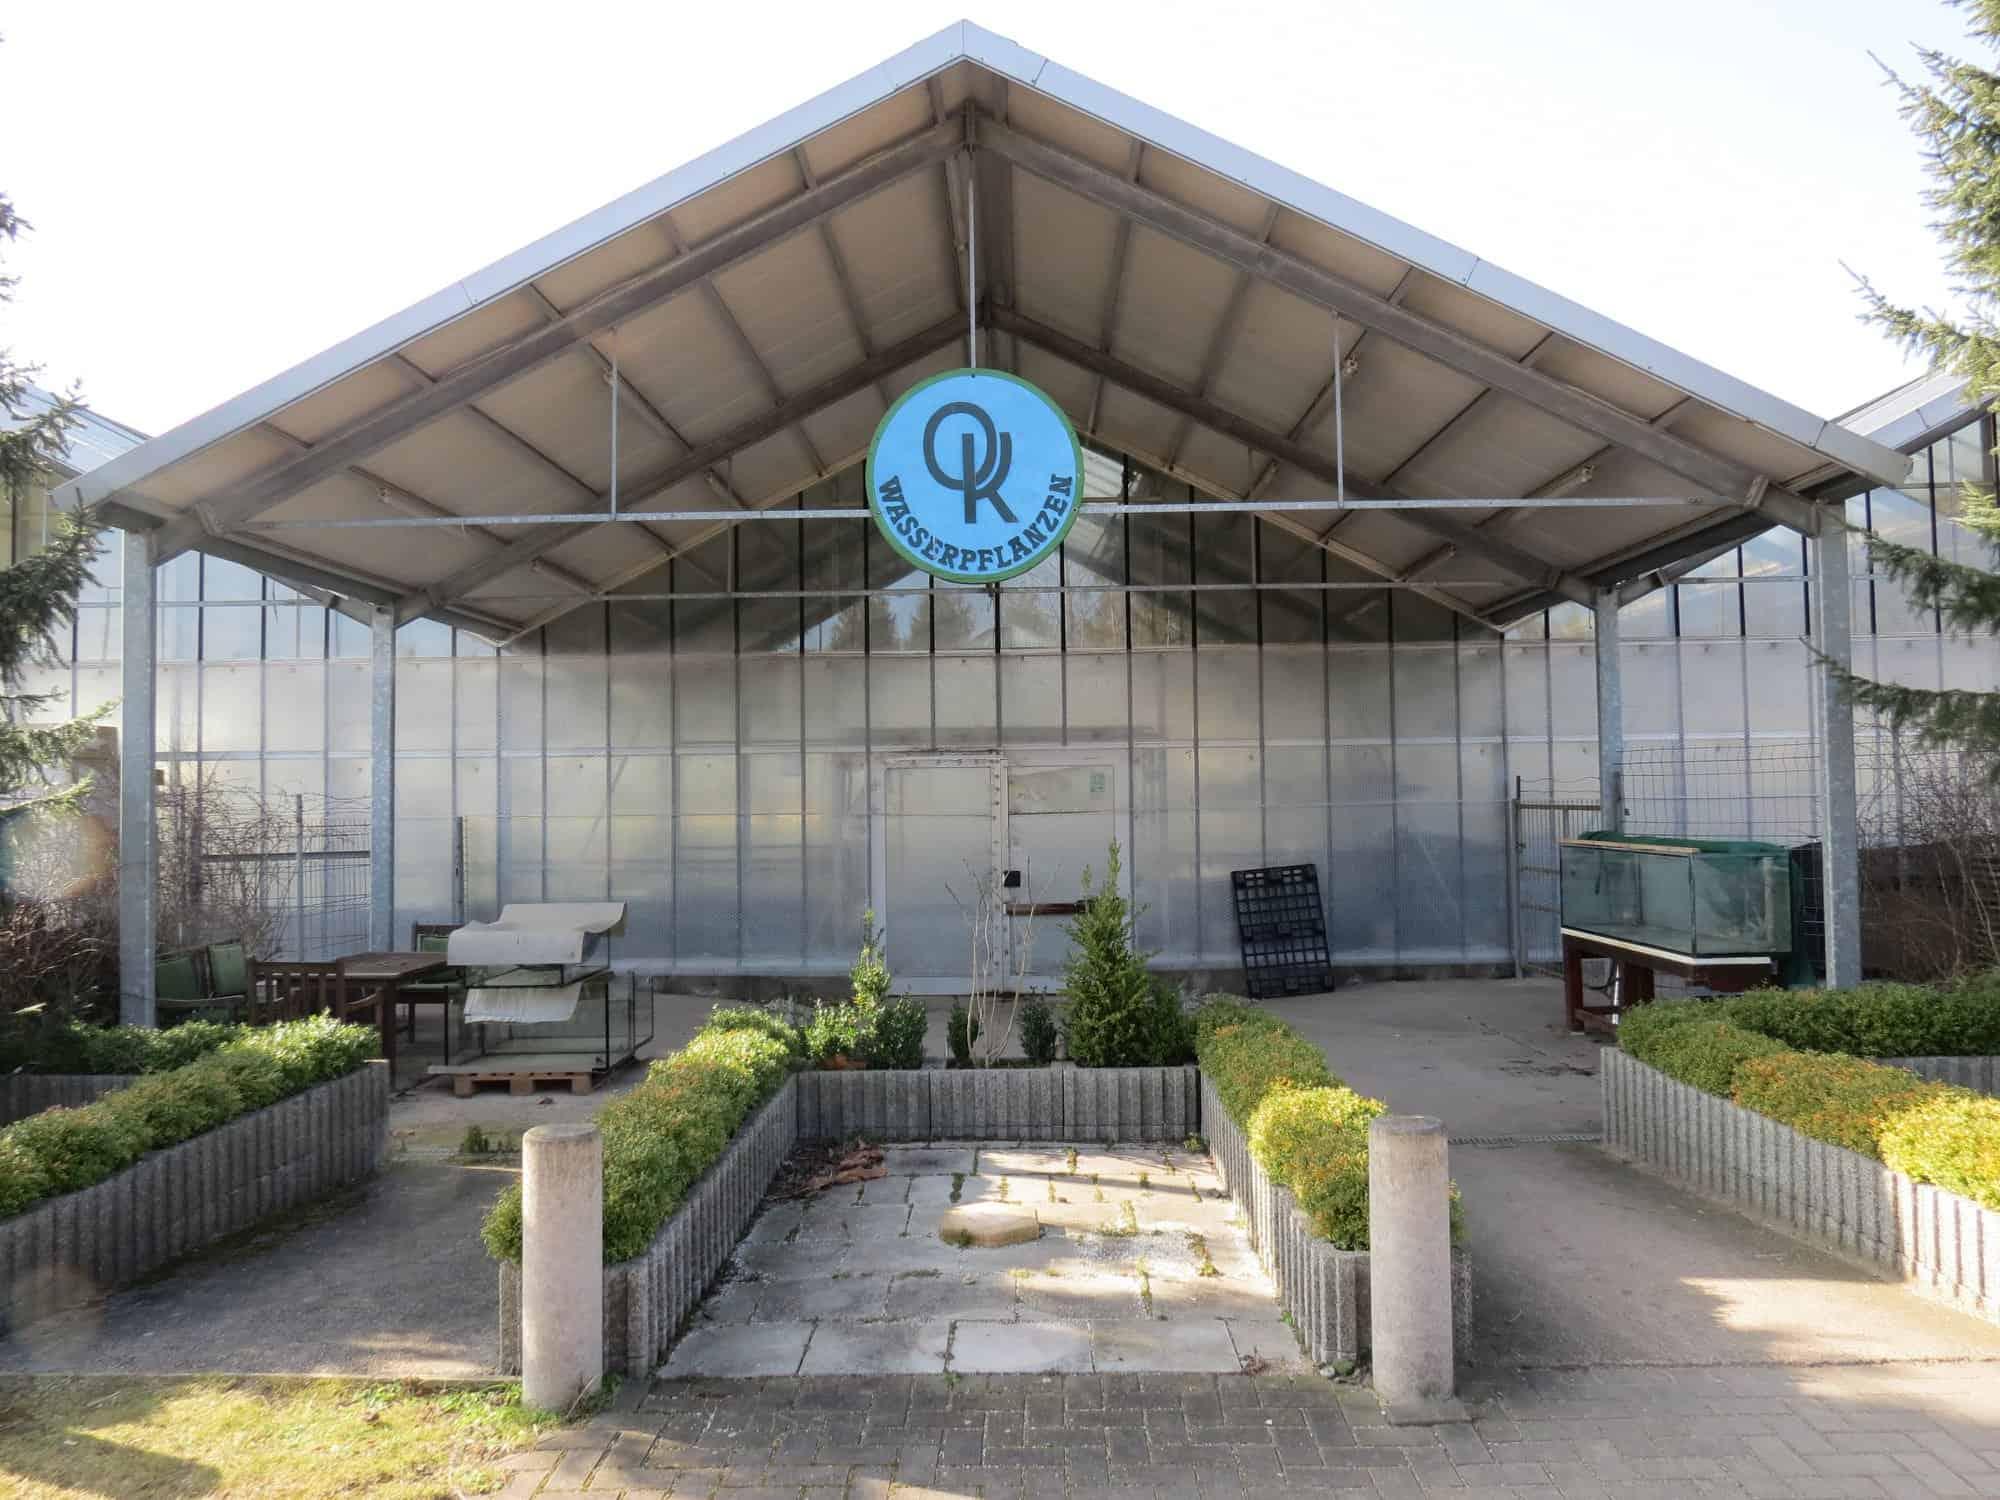 219: Wasserpflanzengärtnerei - Ein Blick hinter die Kulissen (Oliver Krause) 7